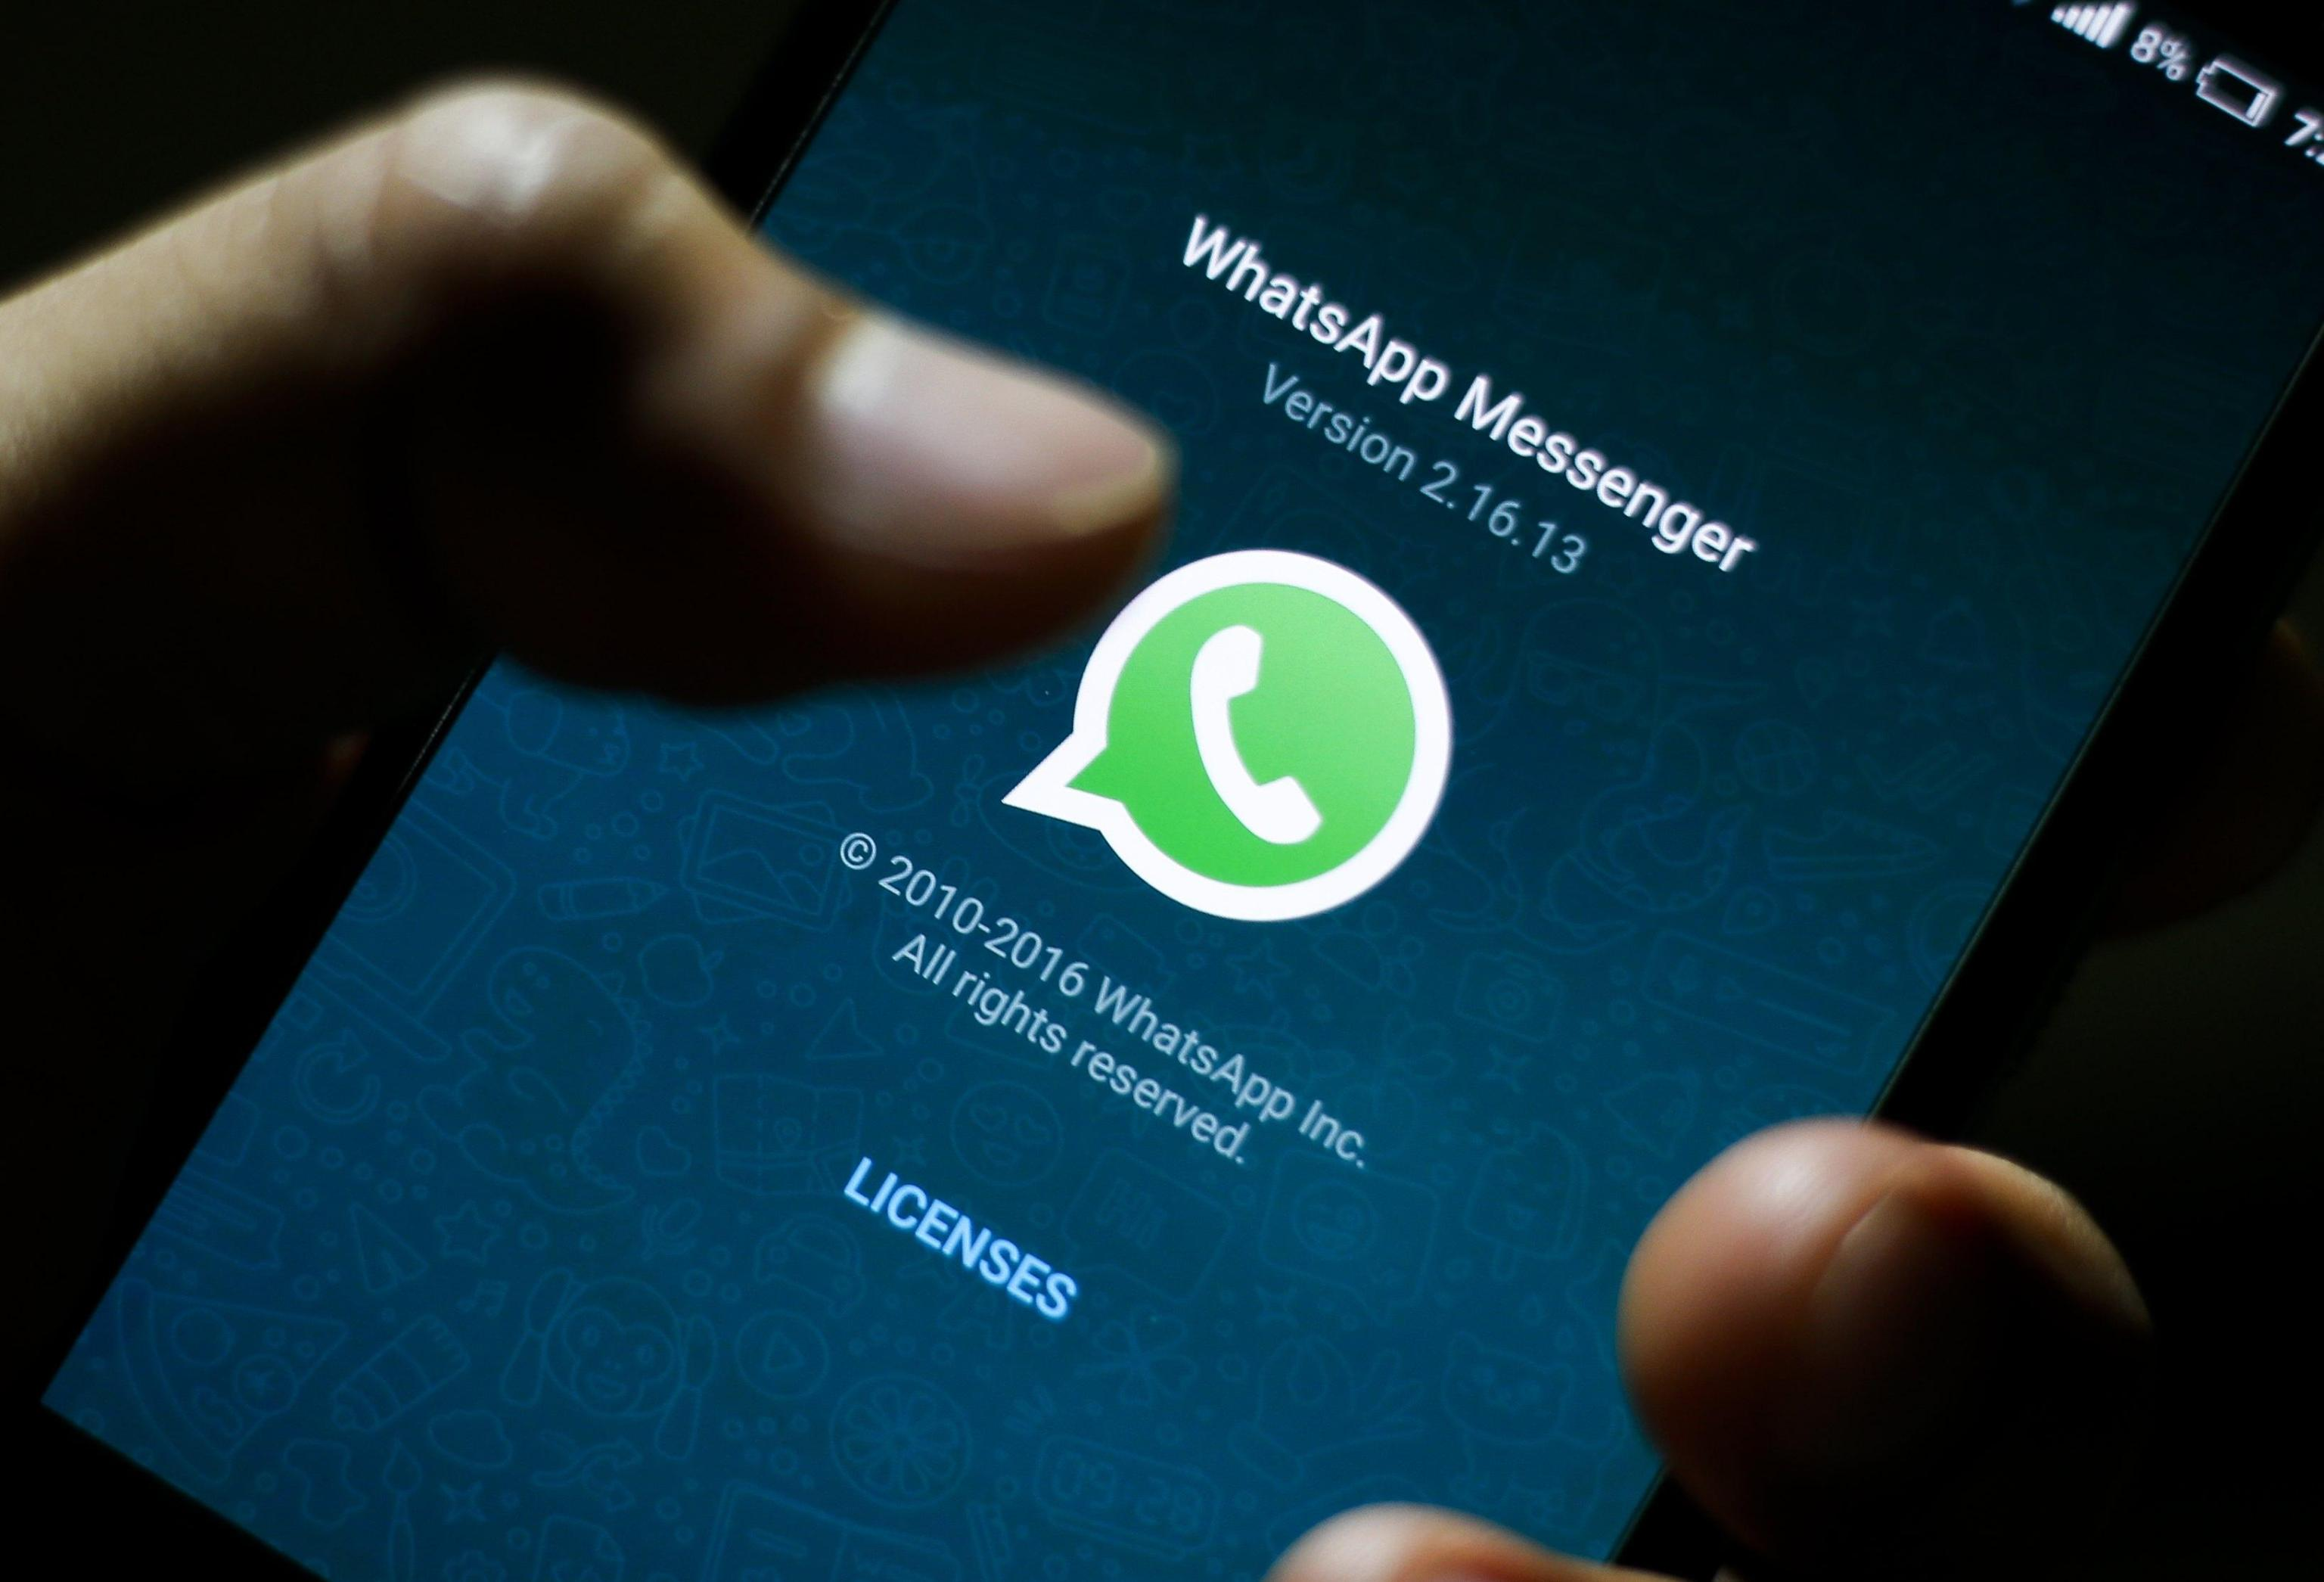 WhatsApp rifunziona dopo disservizio